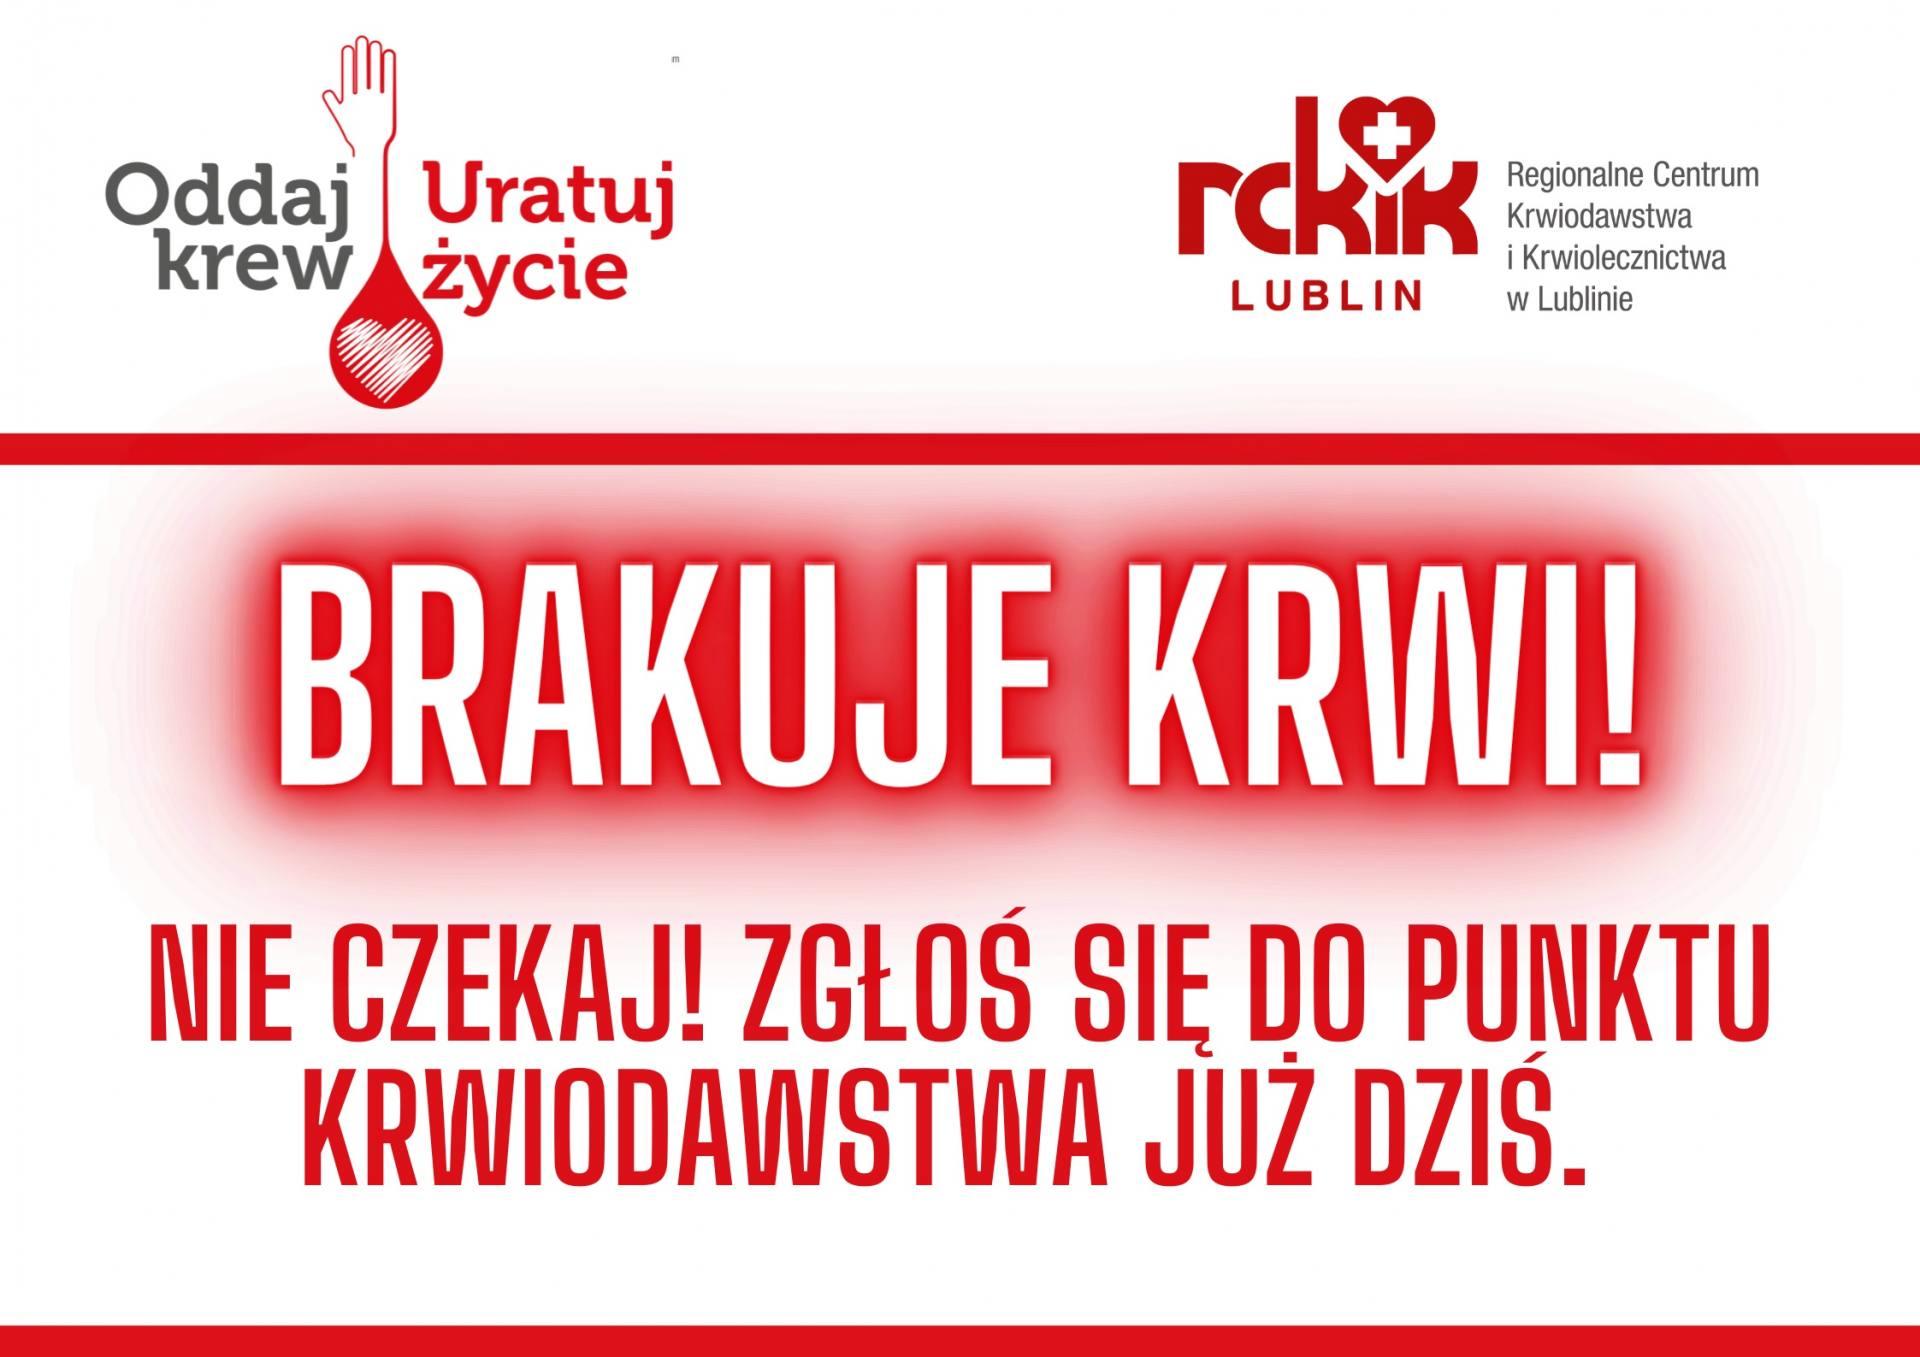 regionalne centrum krwiodawstwa i krwiolecznictwa w lublinie 2 Brakuje krwi! Krwiodawcy pilnie poszukiwani!